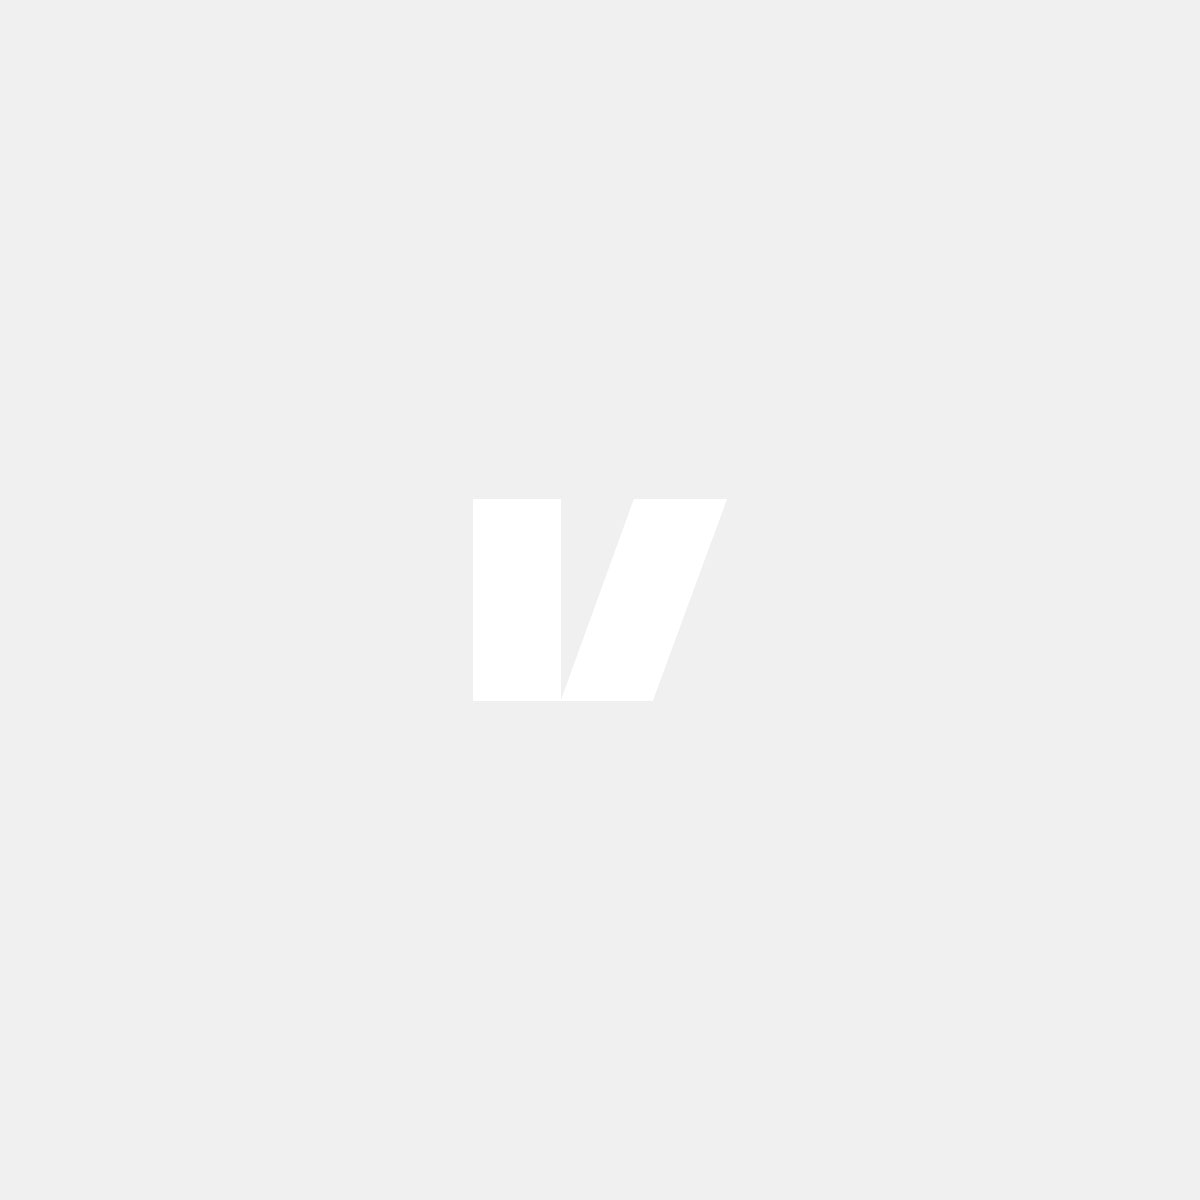 SKF Hjullager/hjulnav fram till Volvo S40, V50, C70, C30